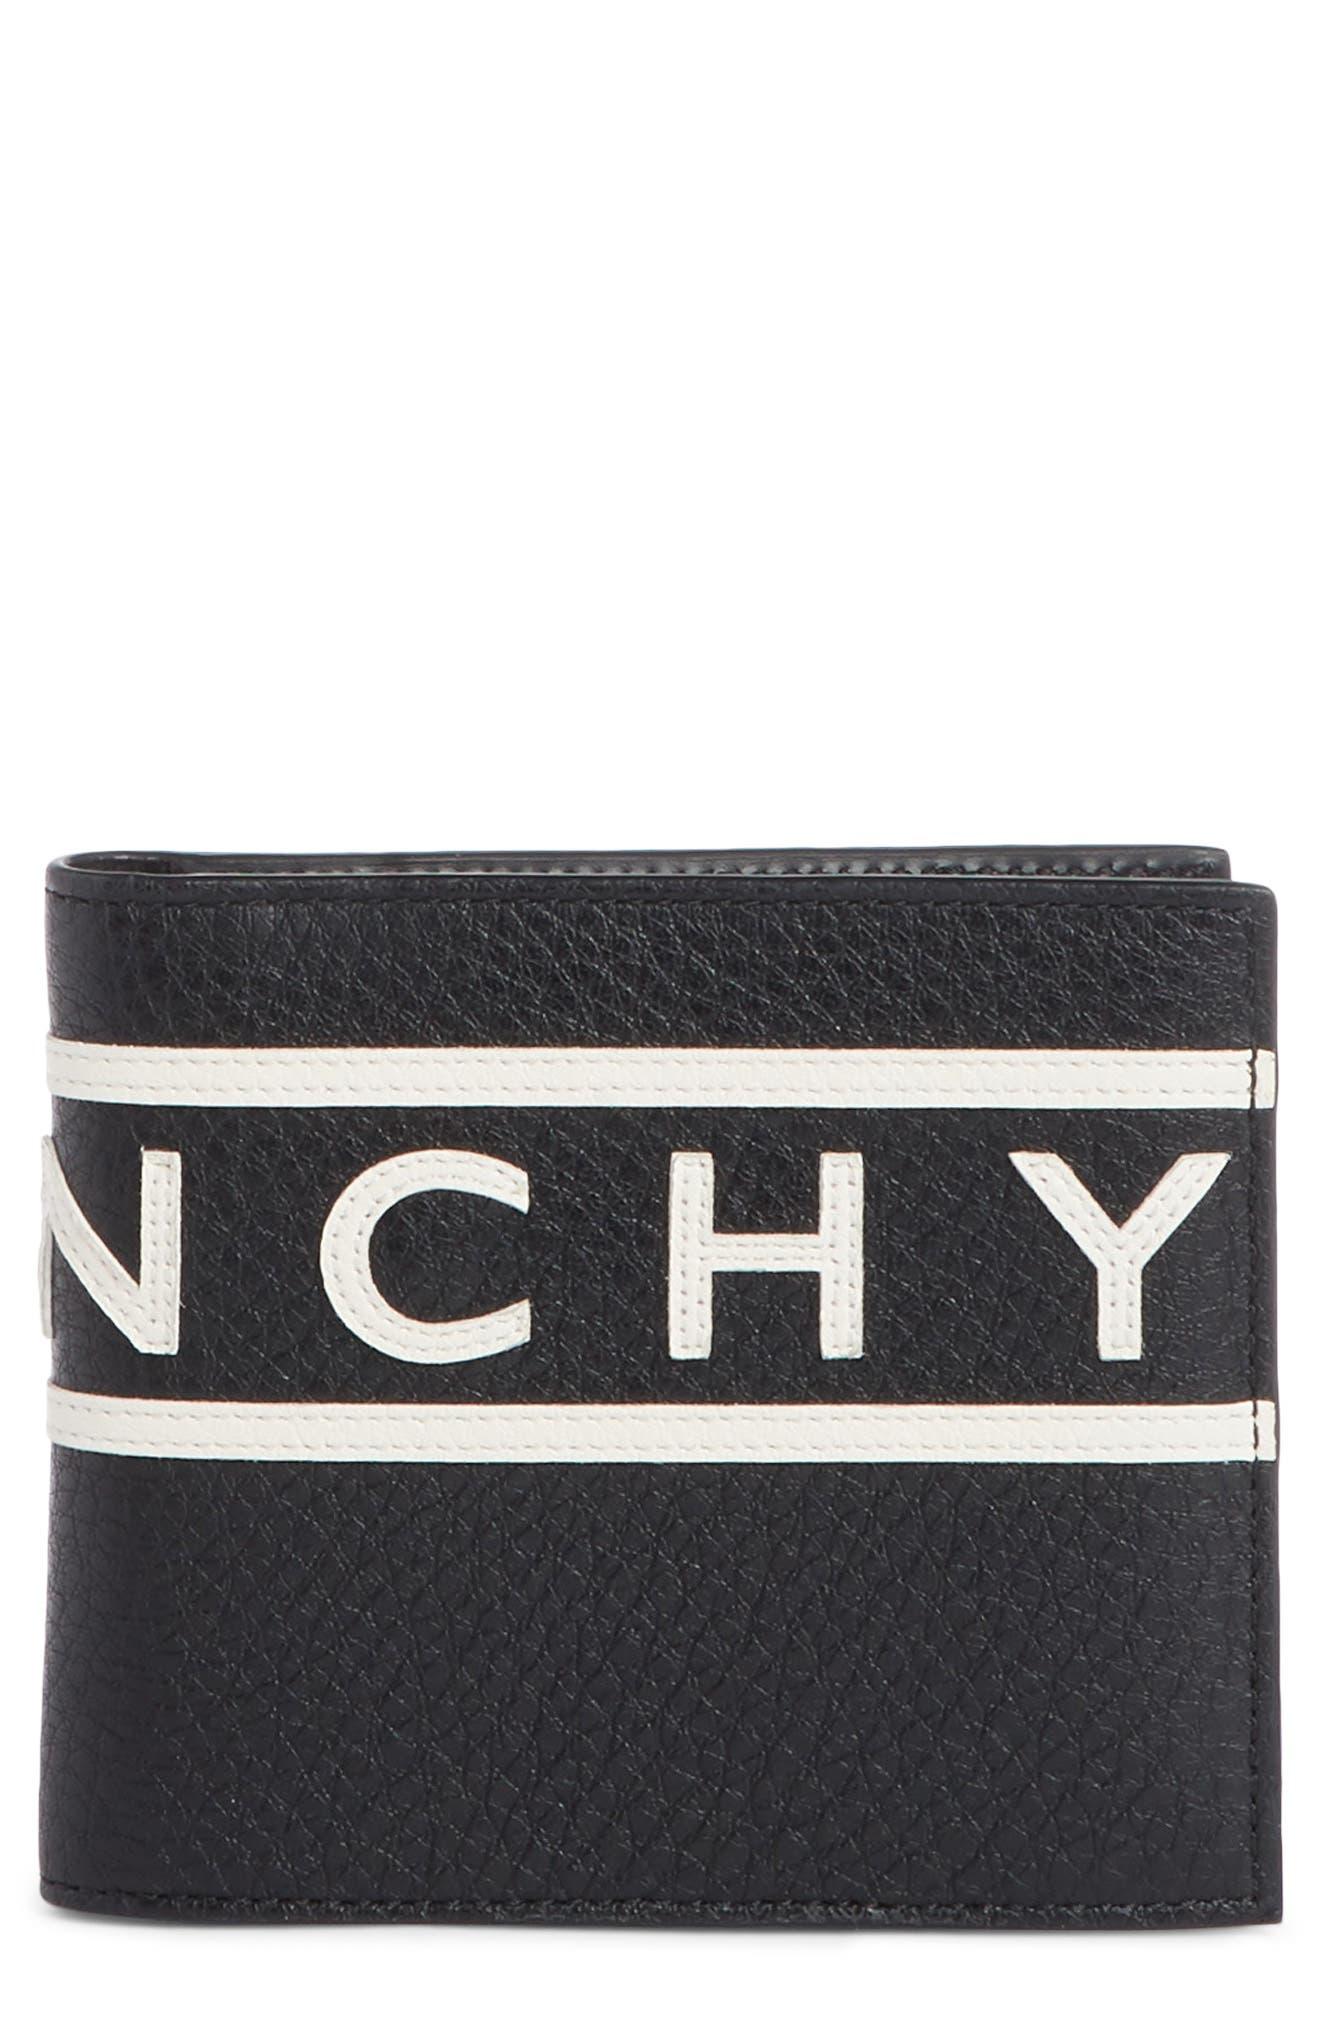 Logo Calfskin Leather Wallet, Main, color, BLACK